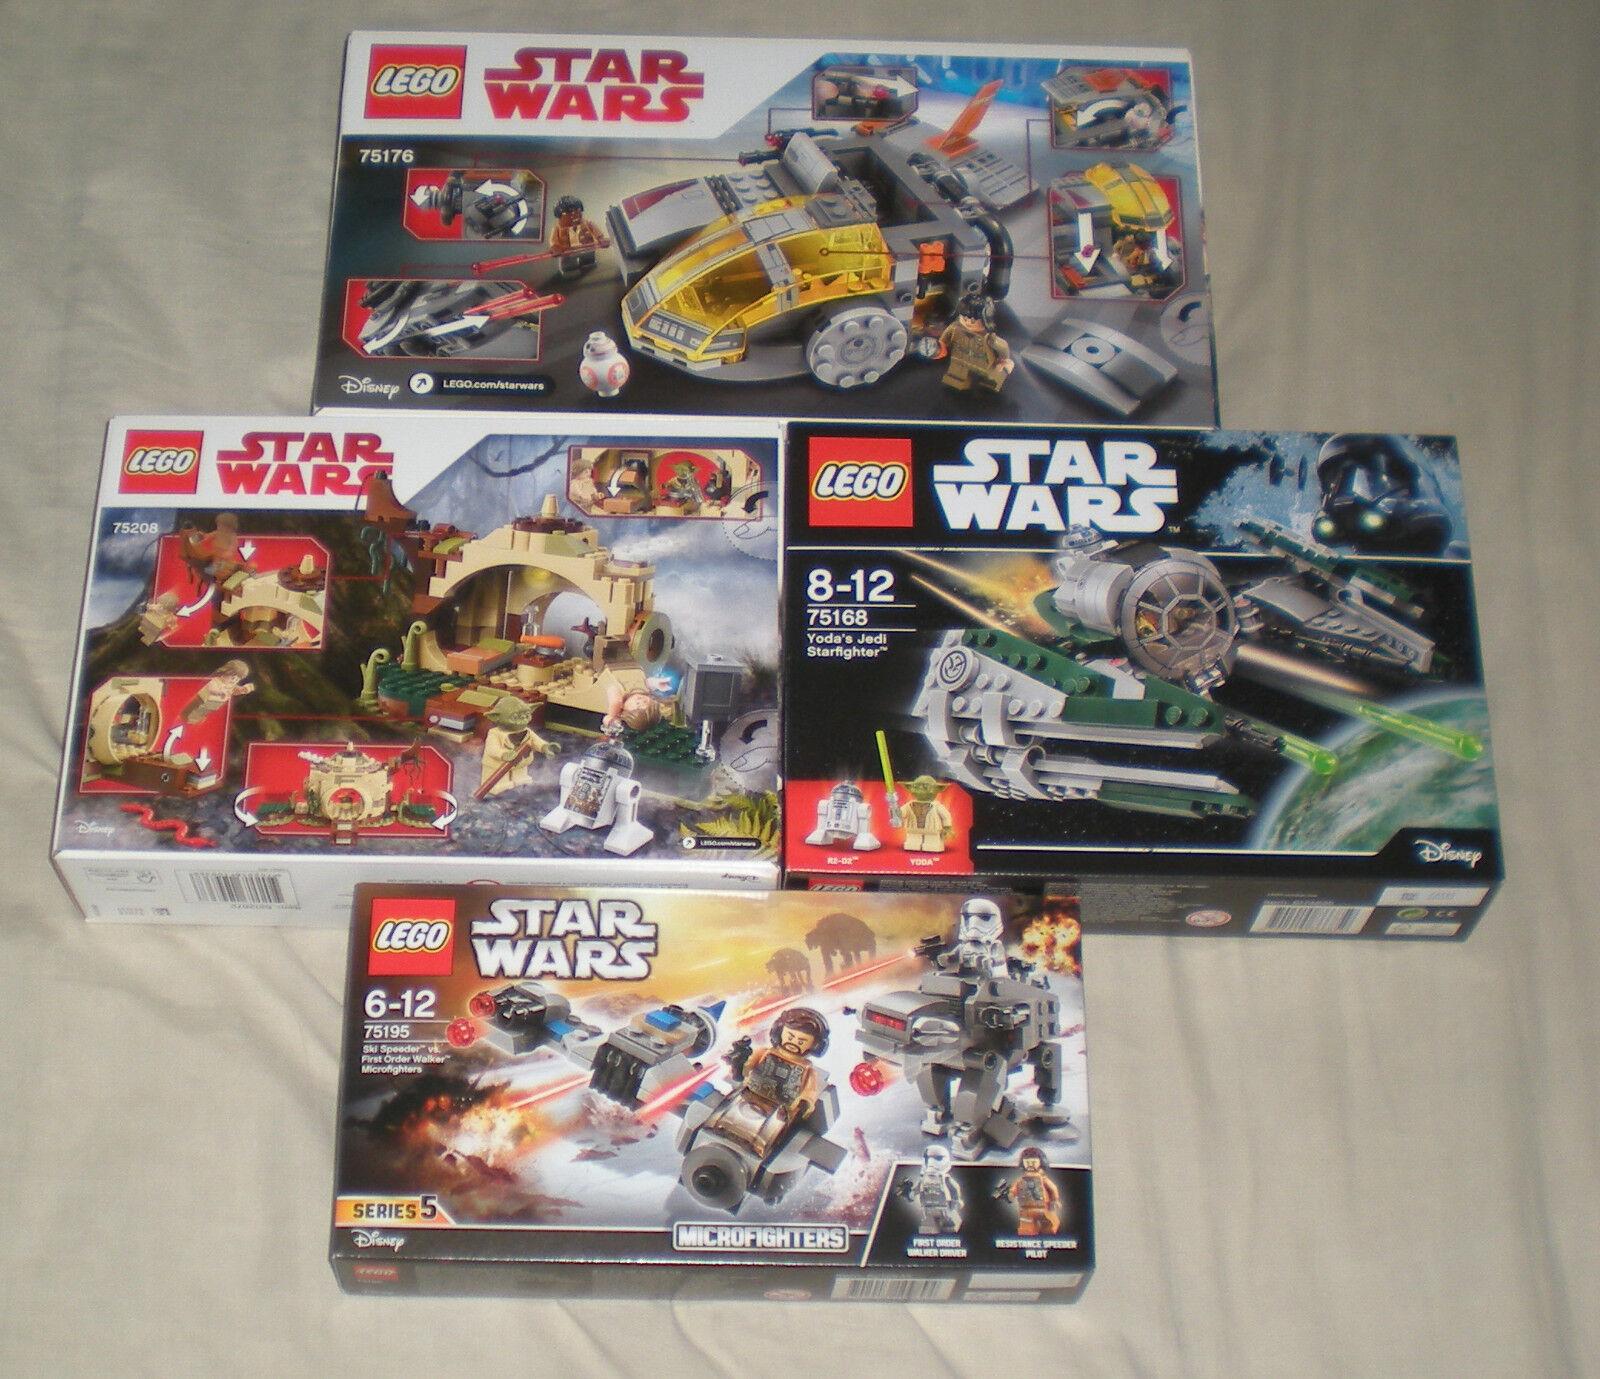 Lego Star Wars - Job Lot  - 75195   75168   75176   75208 - Brand New